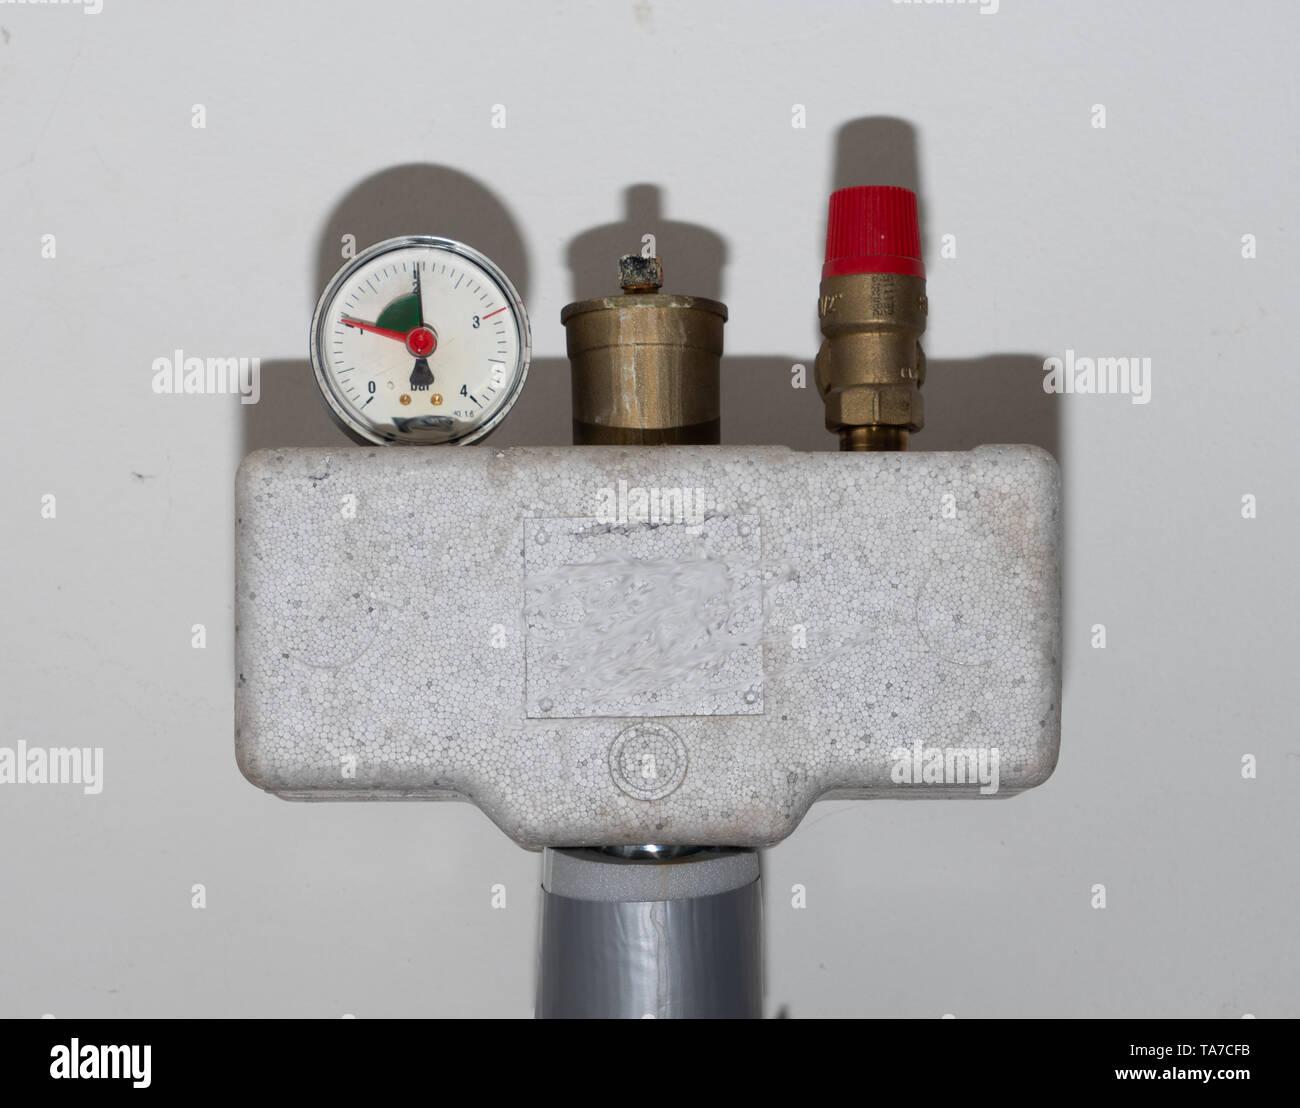 Anzeige des Betriebsdruckes Stock Photo